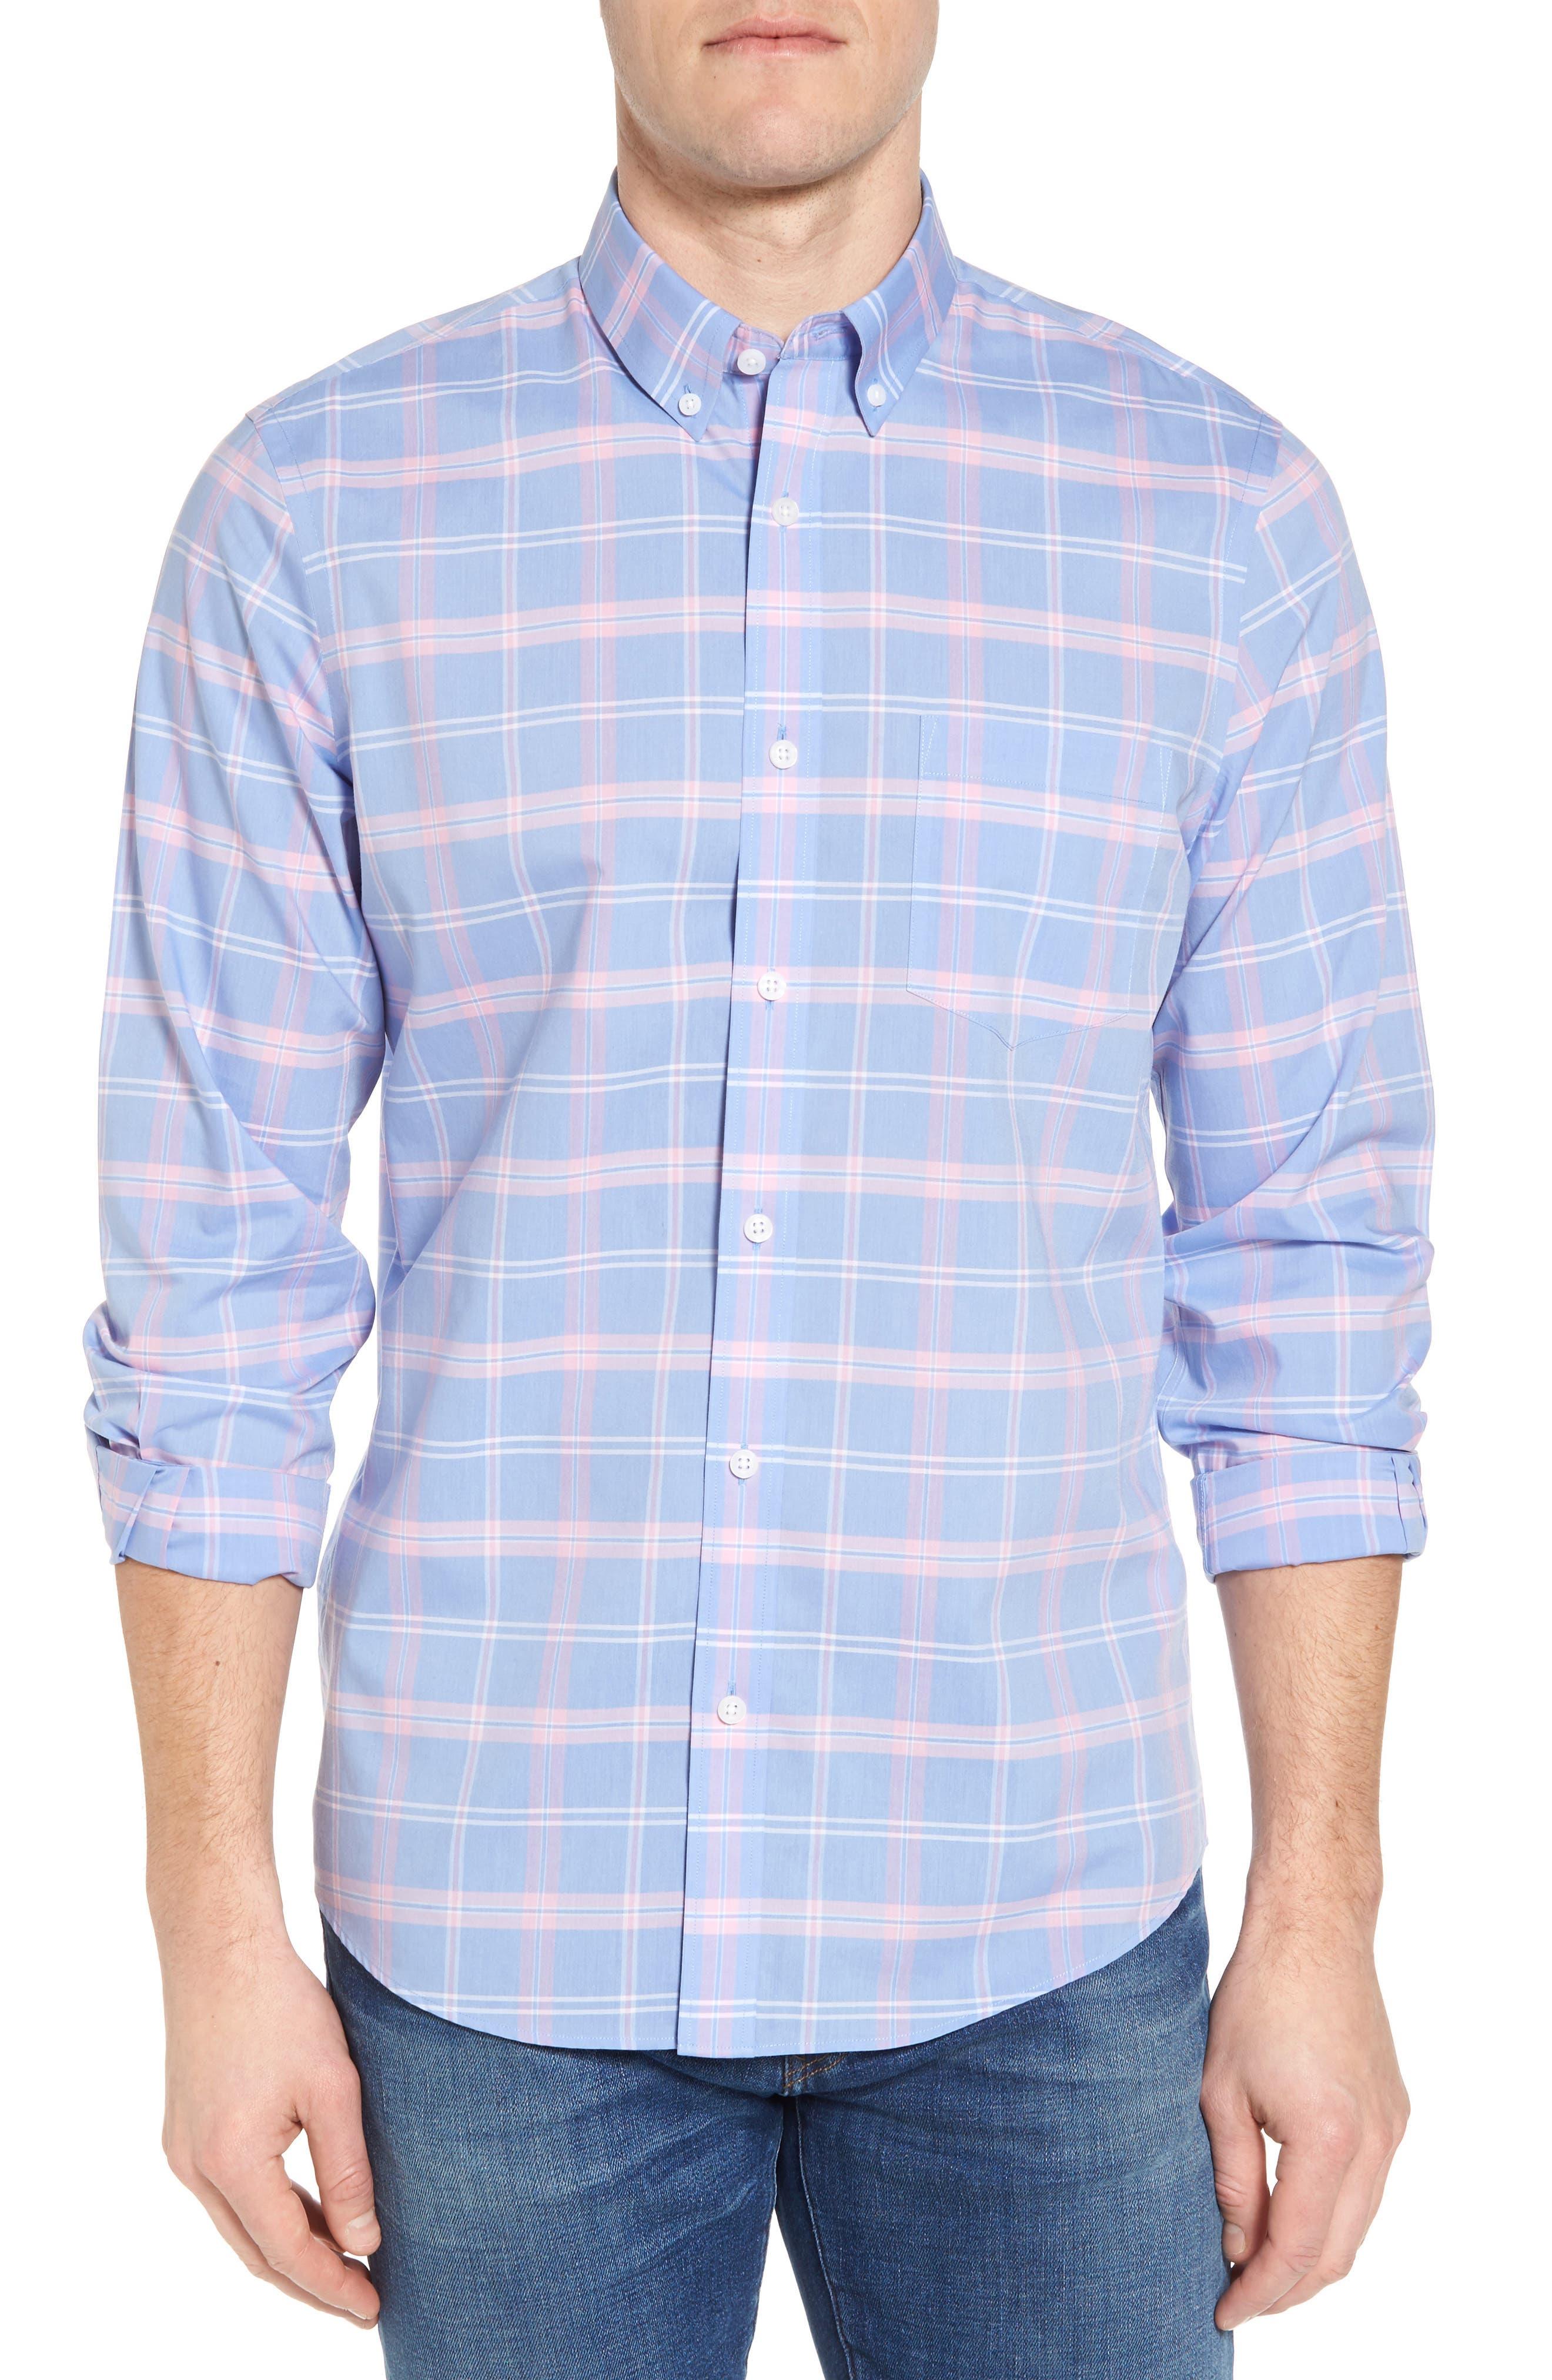 Smartcare<sup>™</sup> Regular Fit Plaid Sport Shirt,                         Main,                         color, Blue Dusk Pink Plaid